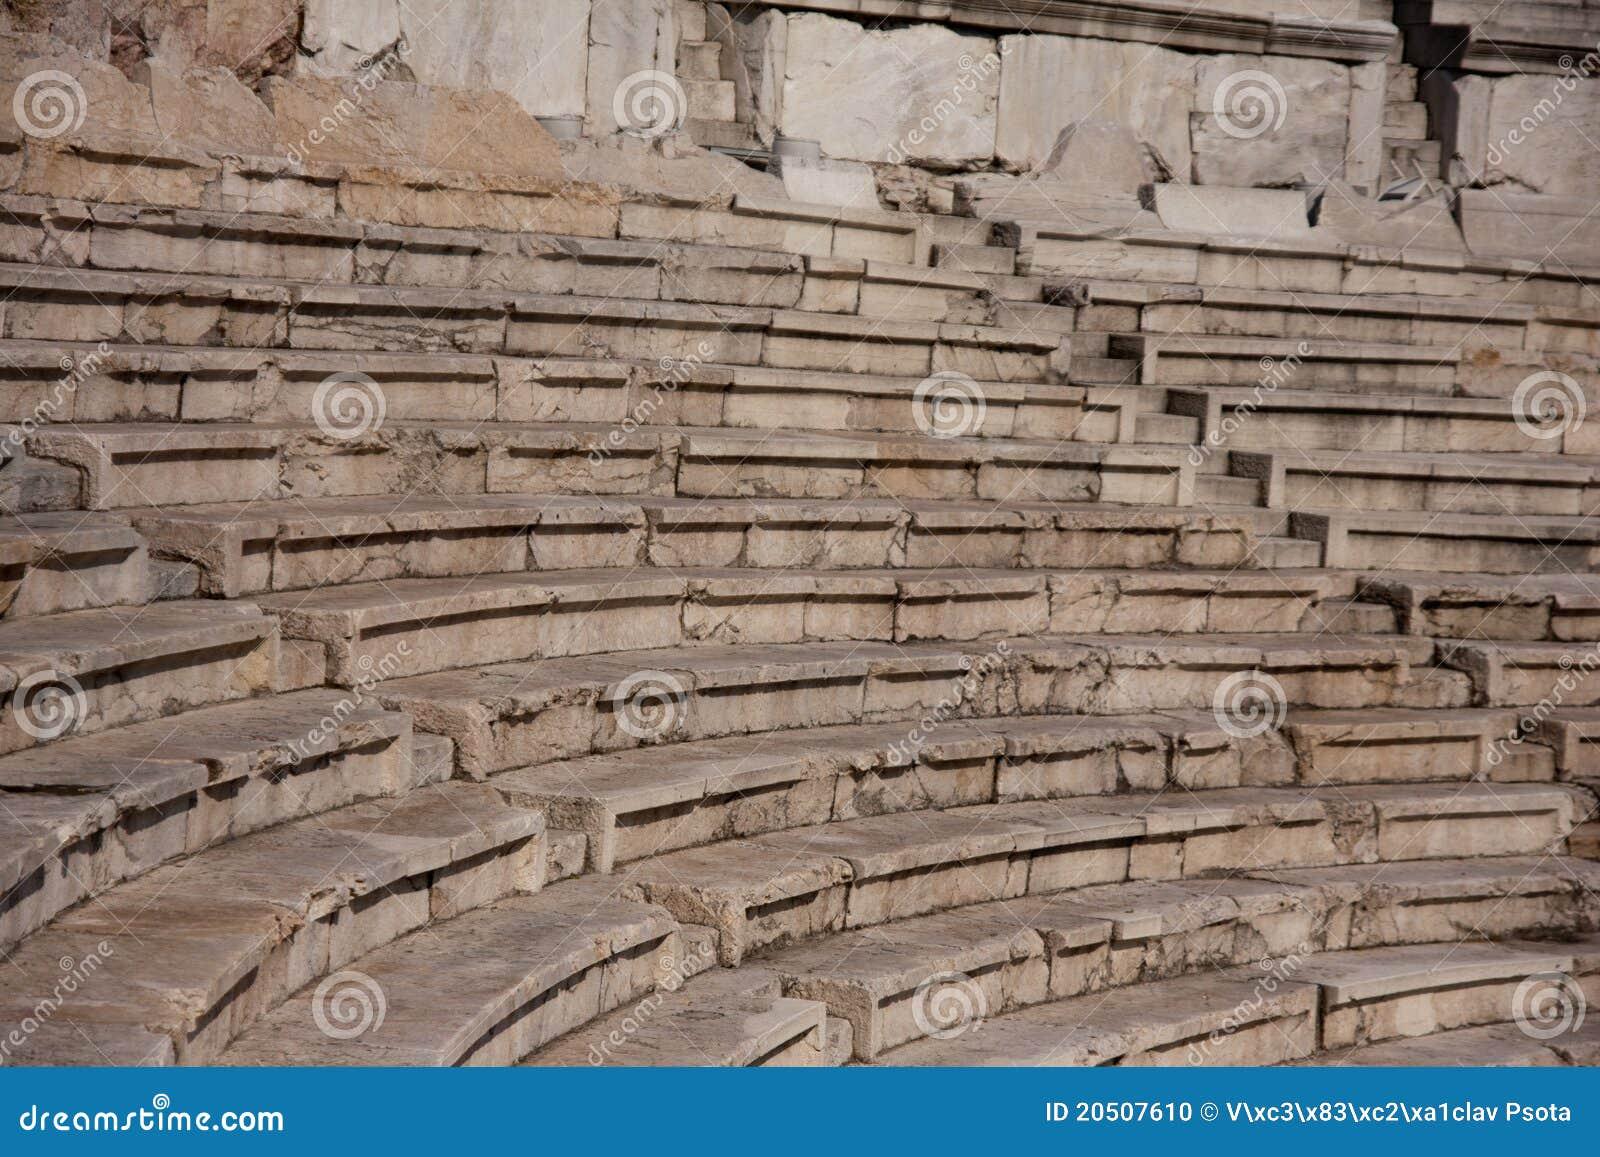 Amphitheatre de Plovdiv